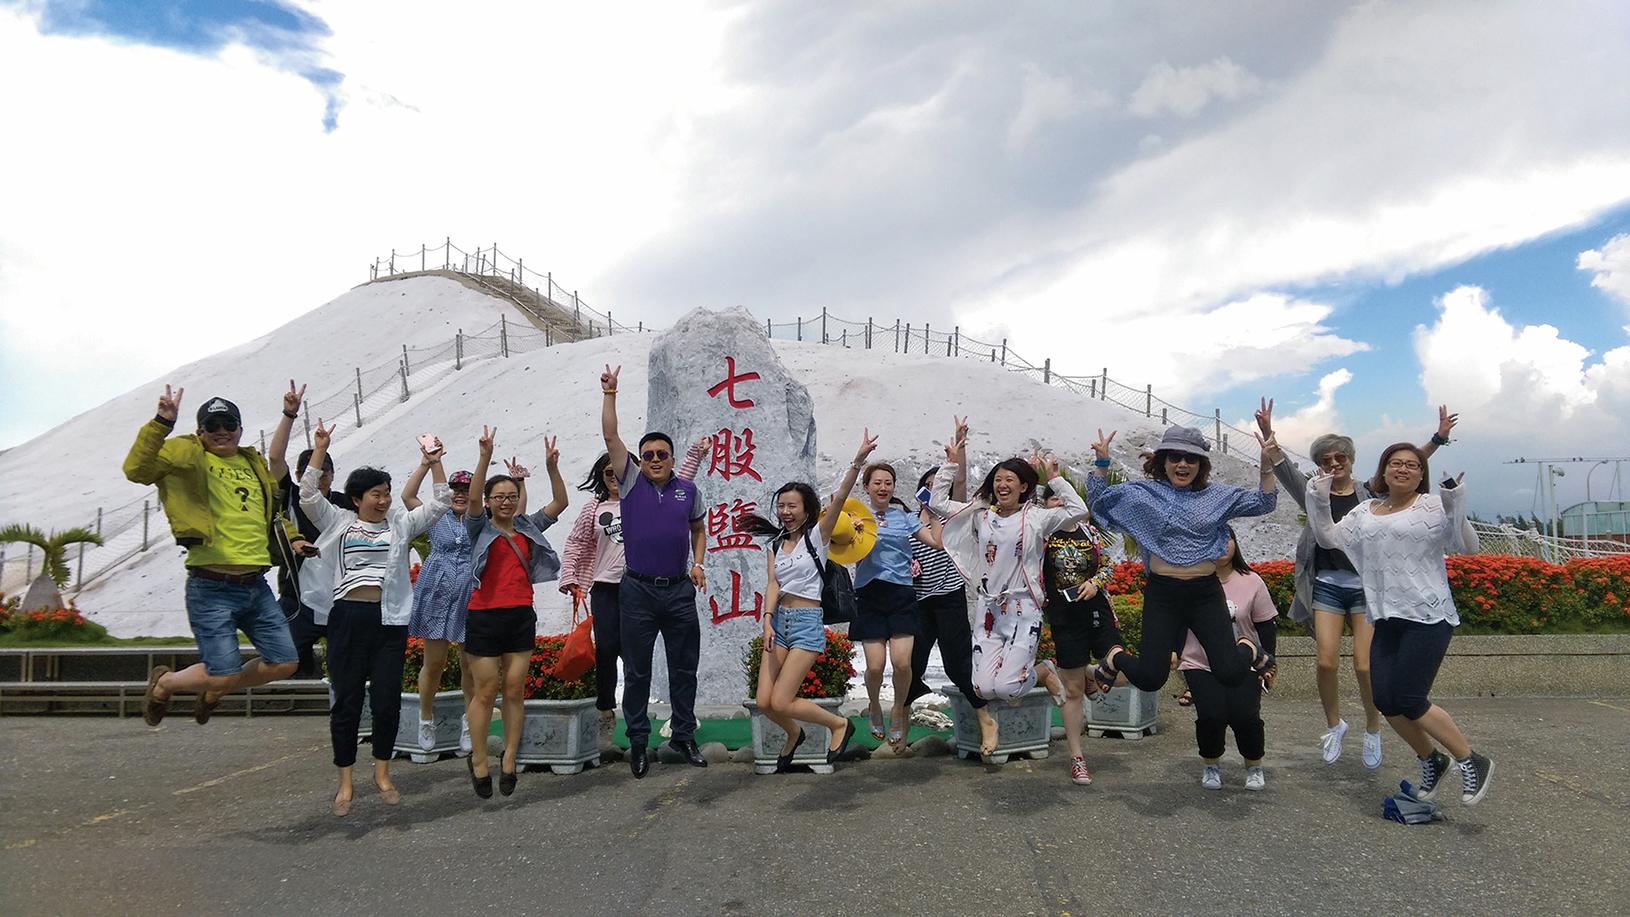 近年來北京通過削減中國遊客出口量來打擊它國經濟。圖為大陸遊客到台灣旅遊。(大陸民眾)